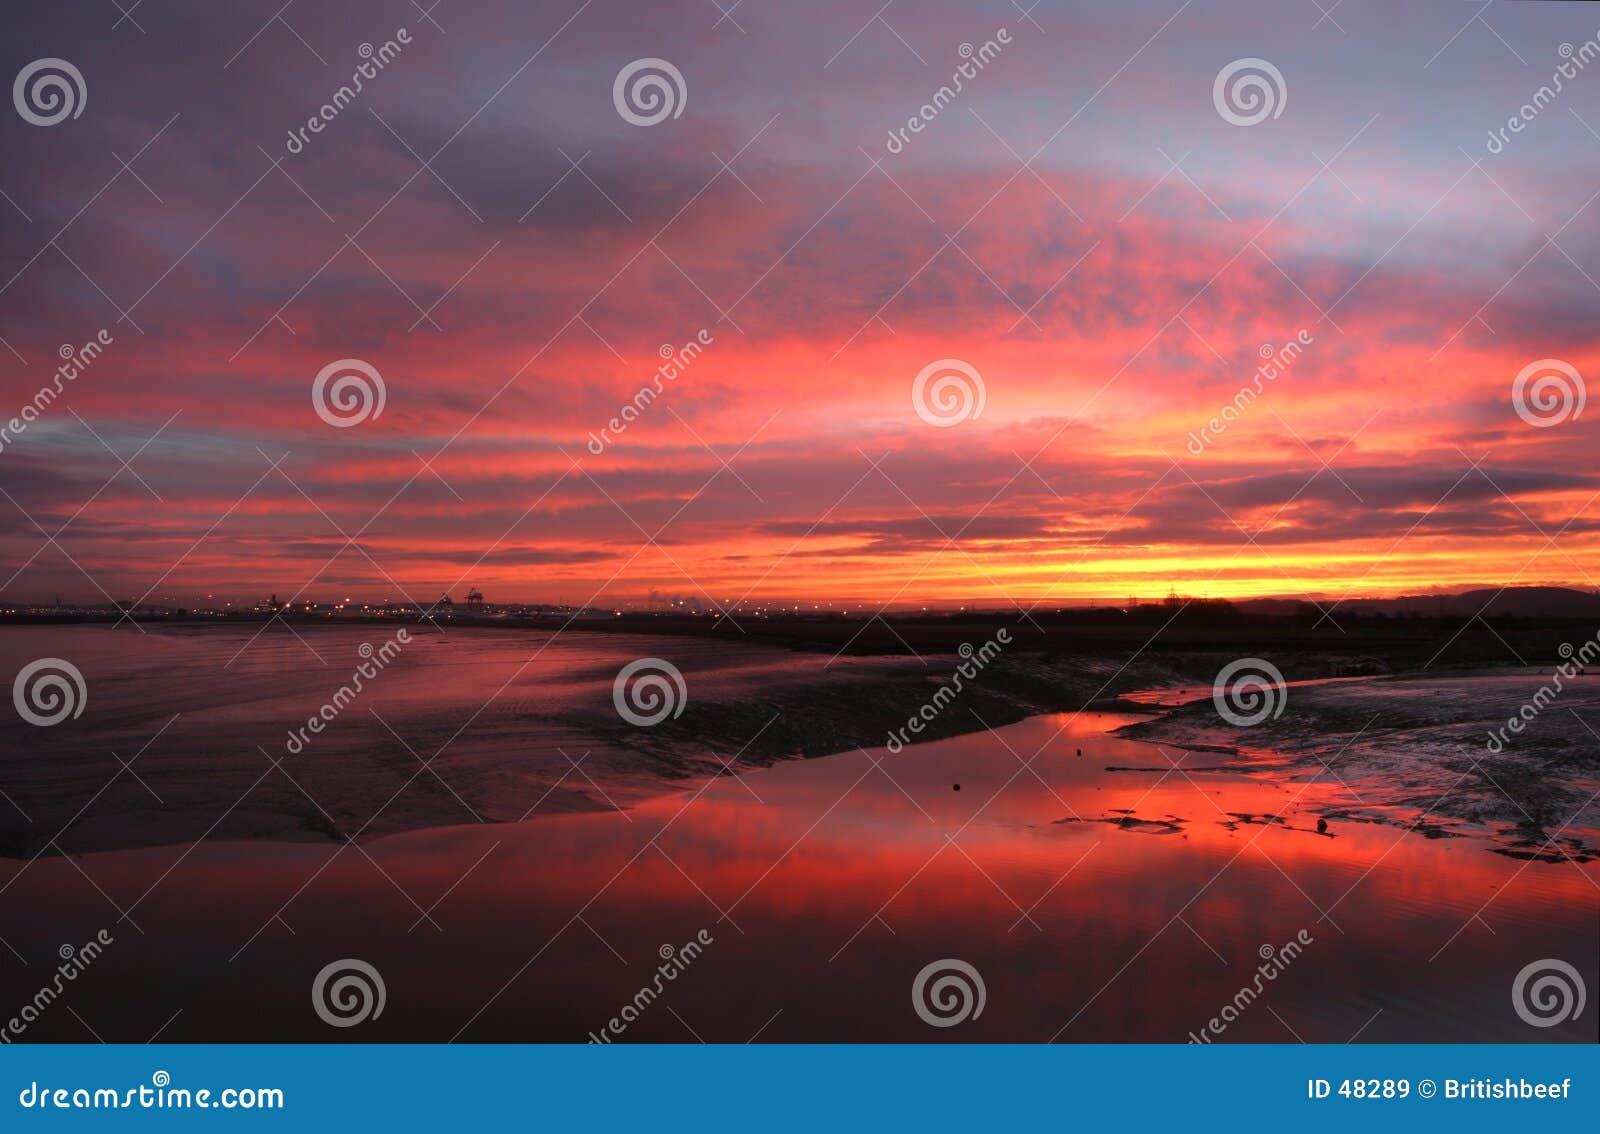 Bred flodmynning över soluppgång